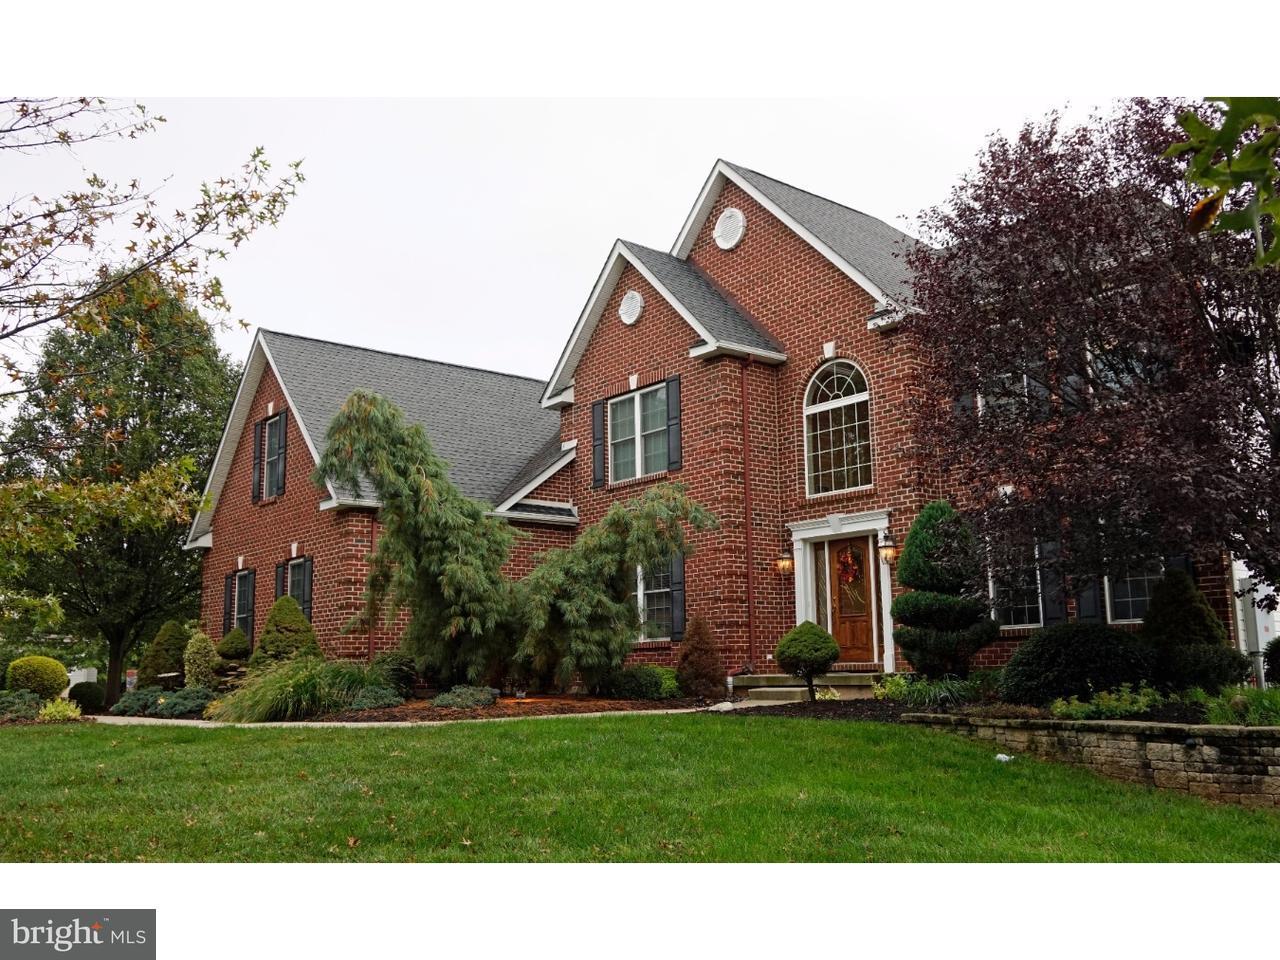 Частный односемейный дом для того Продажа на 612 HARVEST Drive Telford, Пенсильвания 18969 Соединенные Штаты